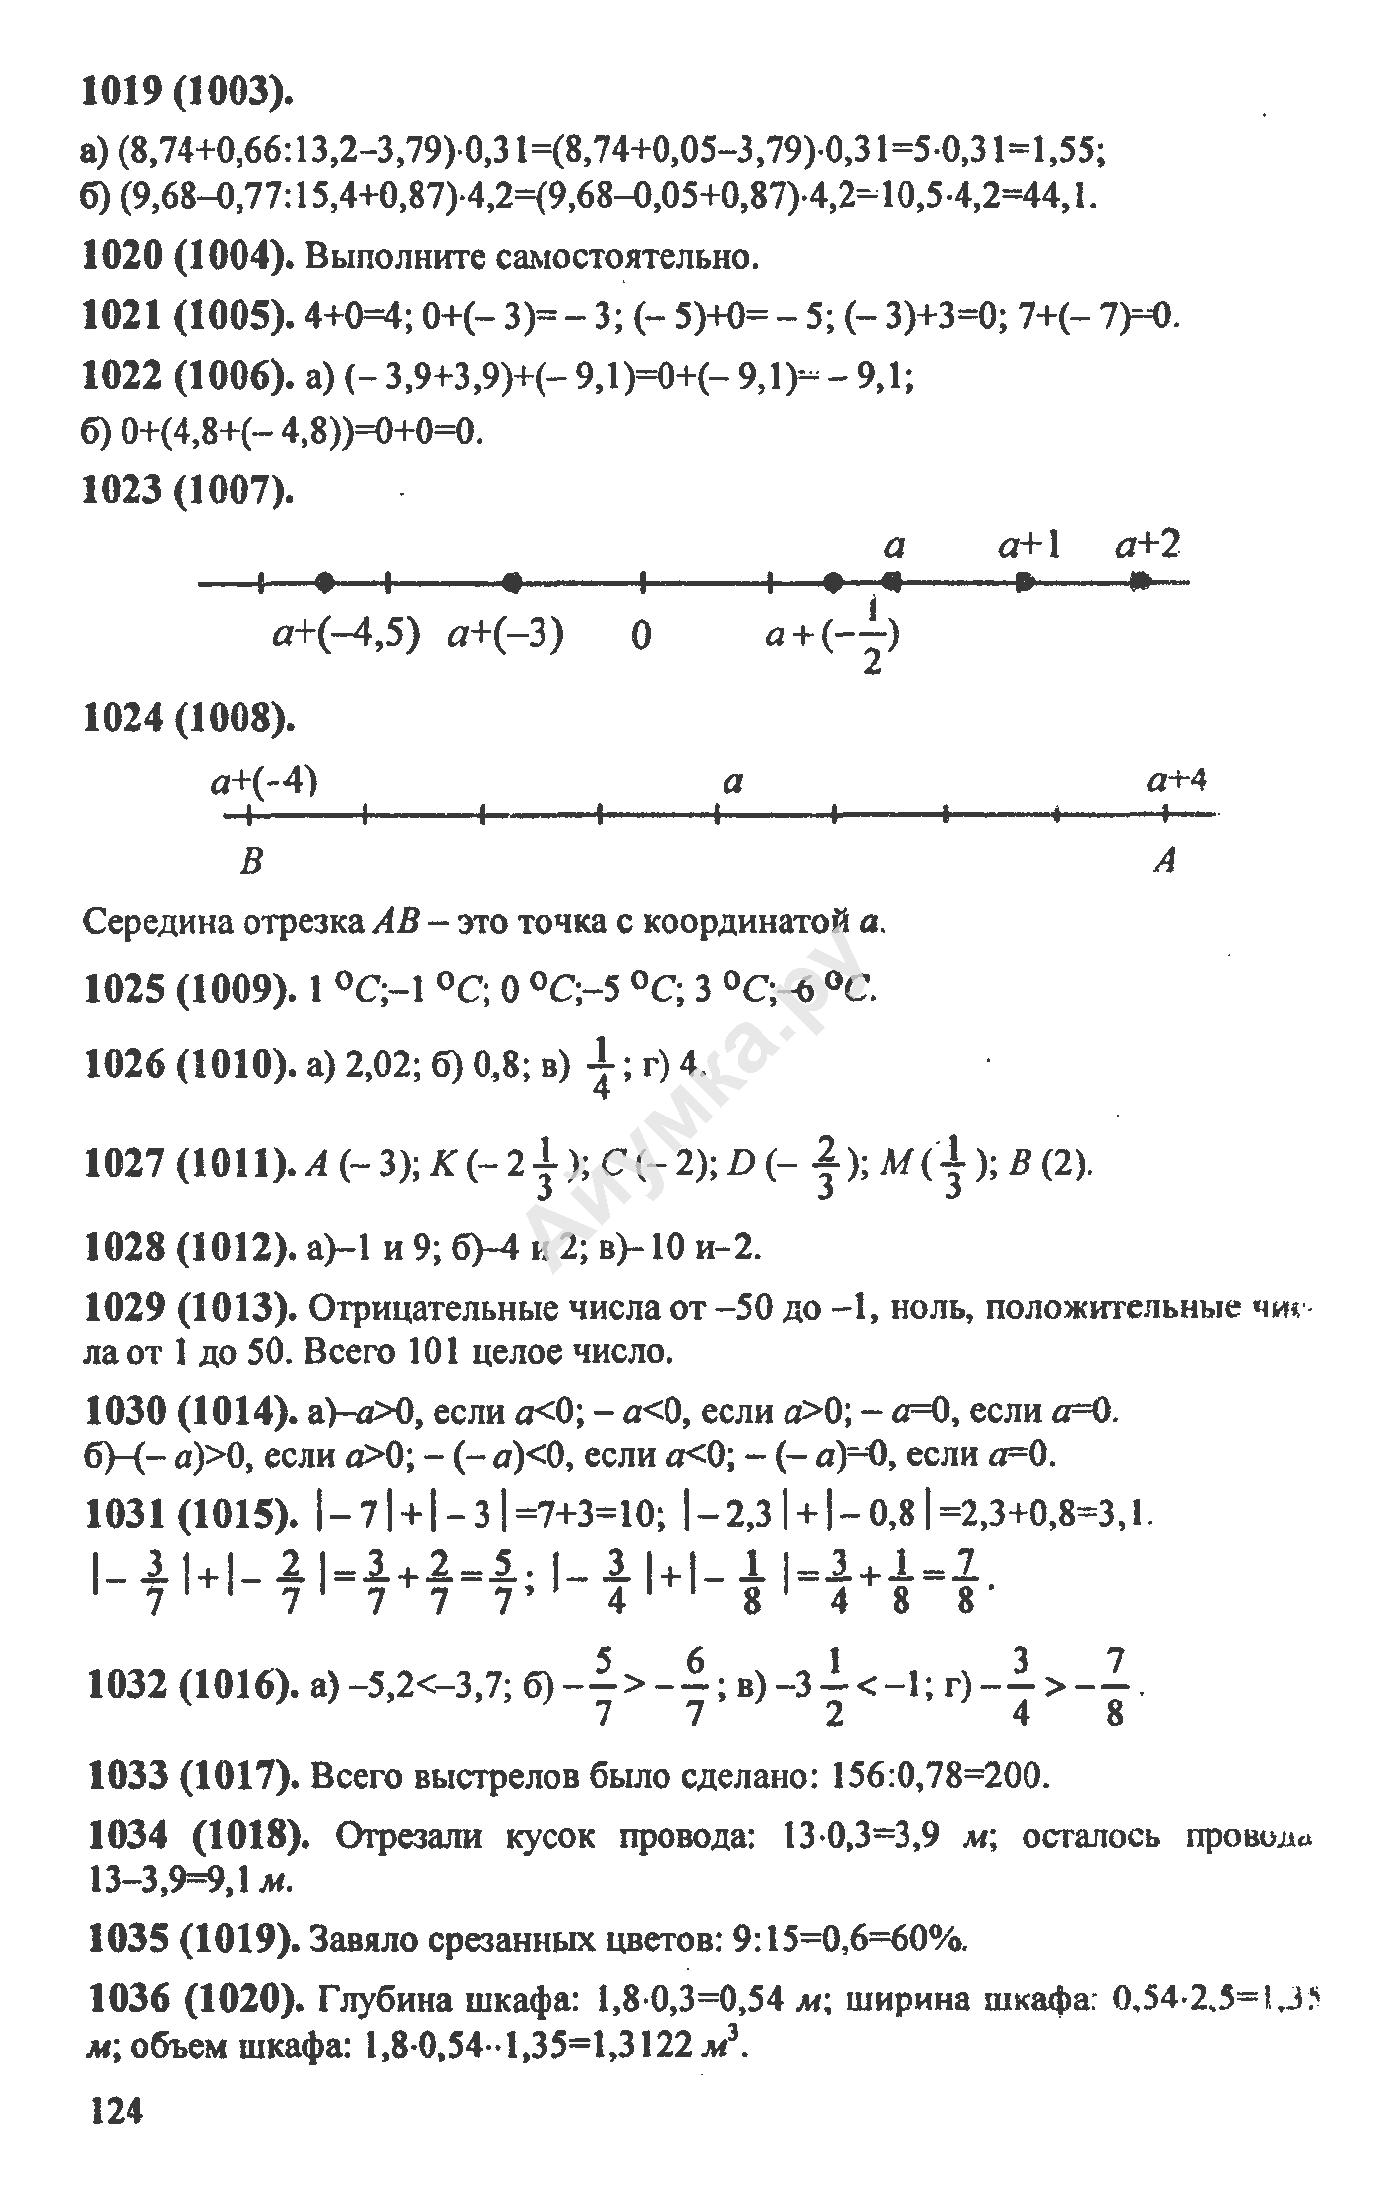 Контрольная работа по математике 2 класс за 1 полугодие перспективная начальная школа